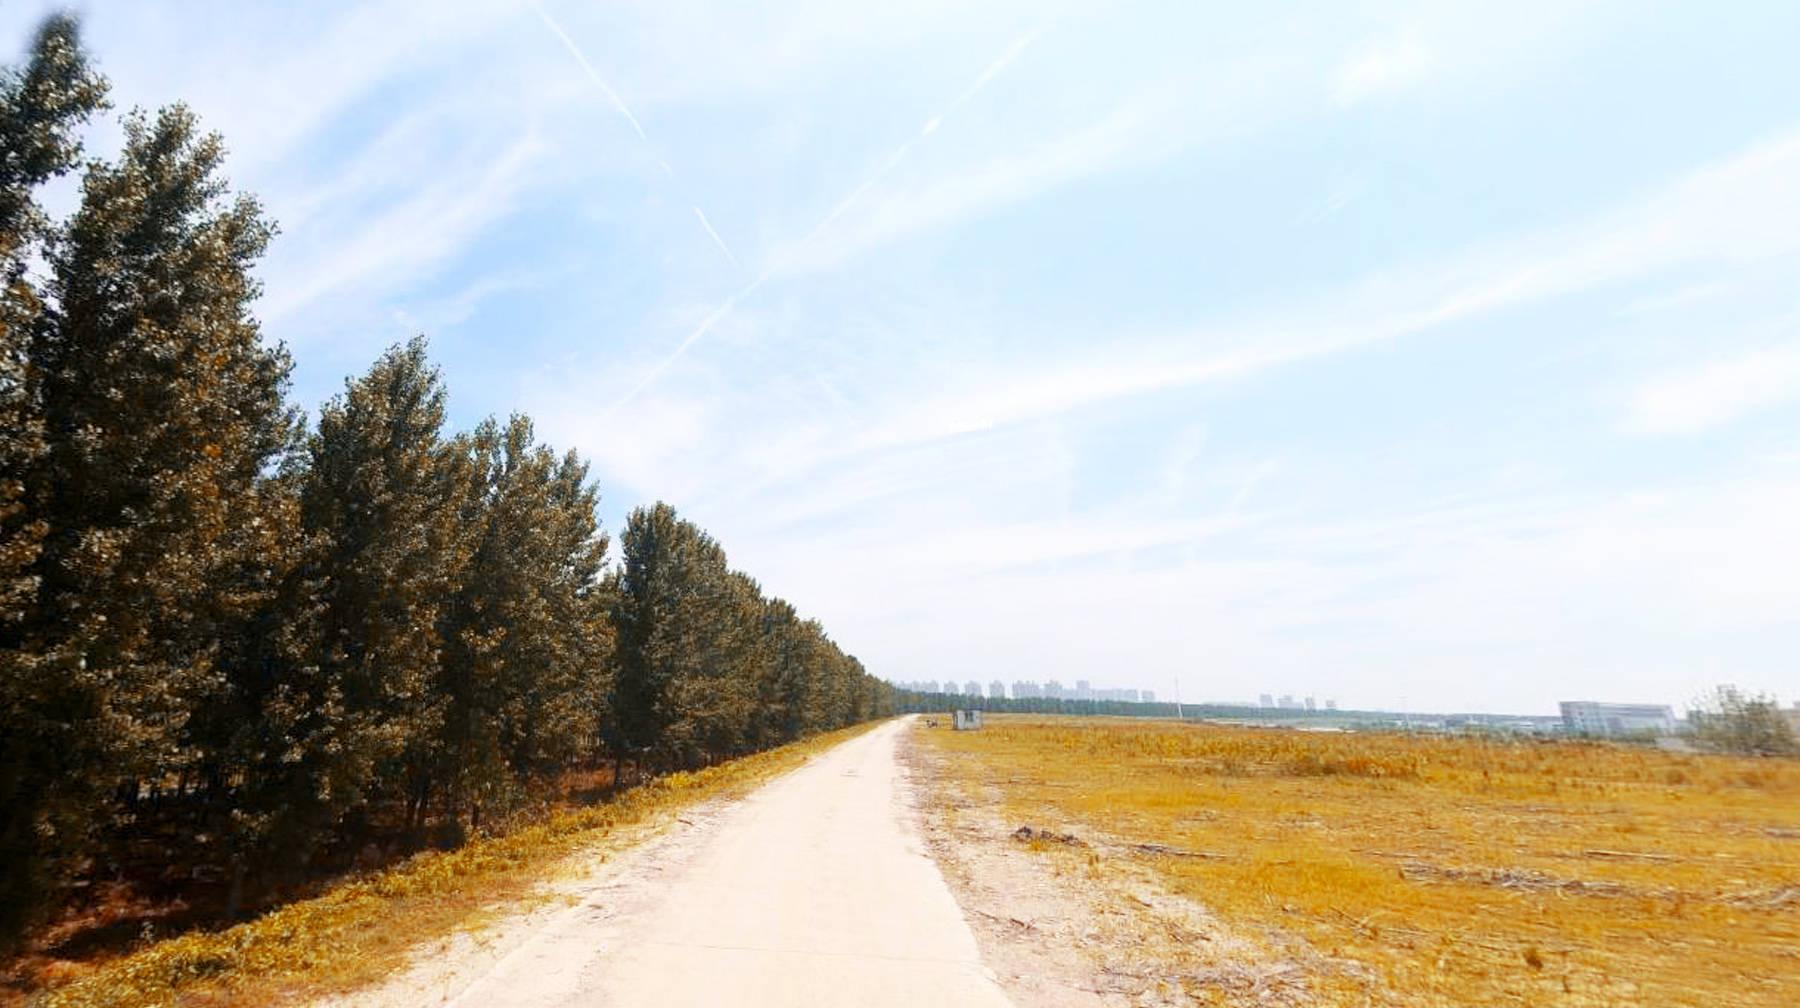 打卡武汉城区东西湖堤:防护林绵延数公里,宽阔湿地成观光好地方